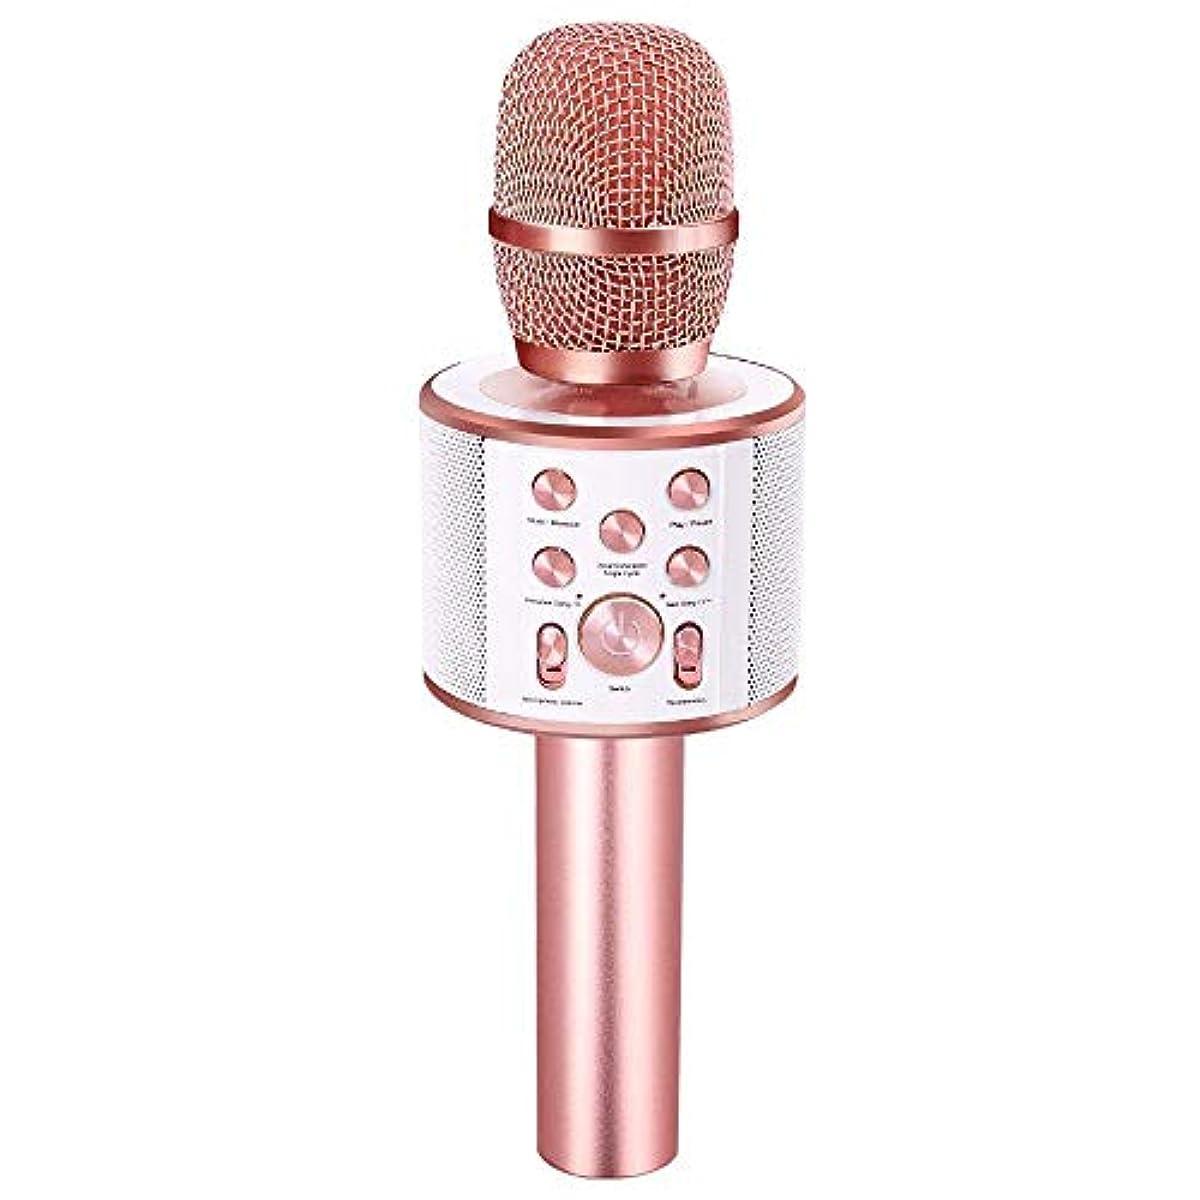 [해외] Verkstar Bluetooth 노래방 마이크 블루투스 무선 듀엣 & 반주 기능 로즈골드